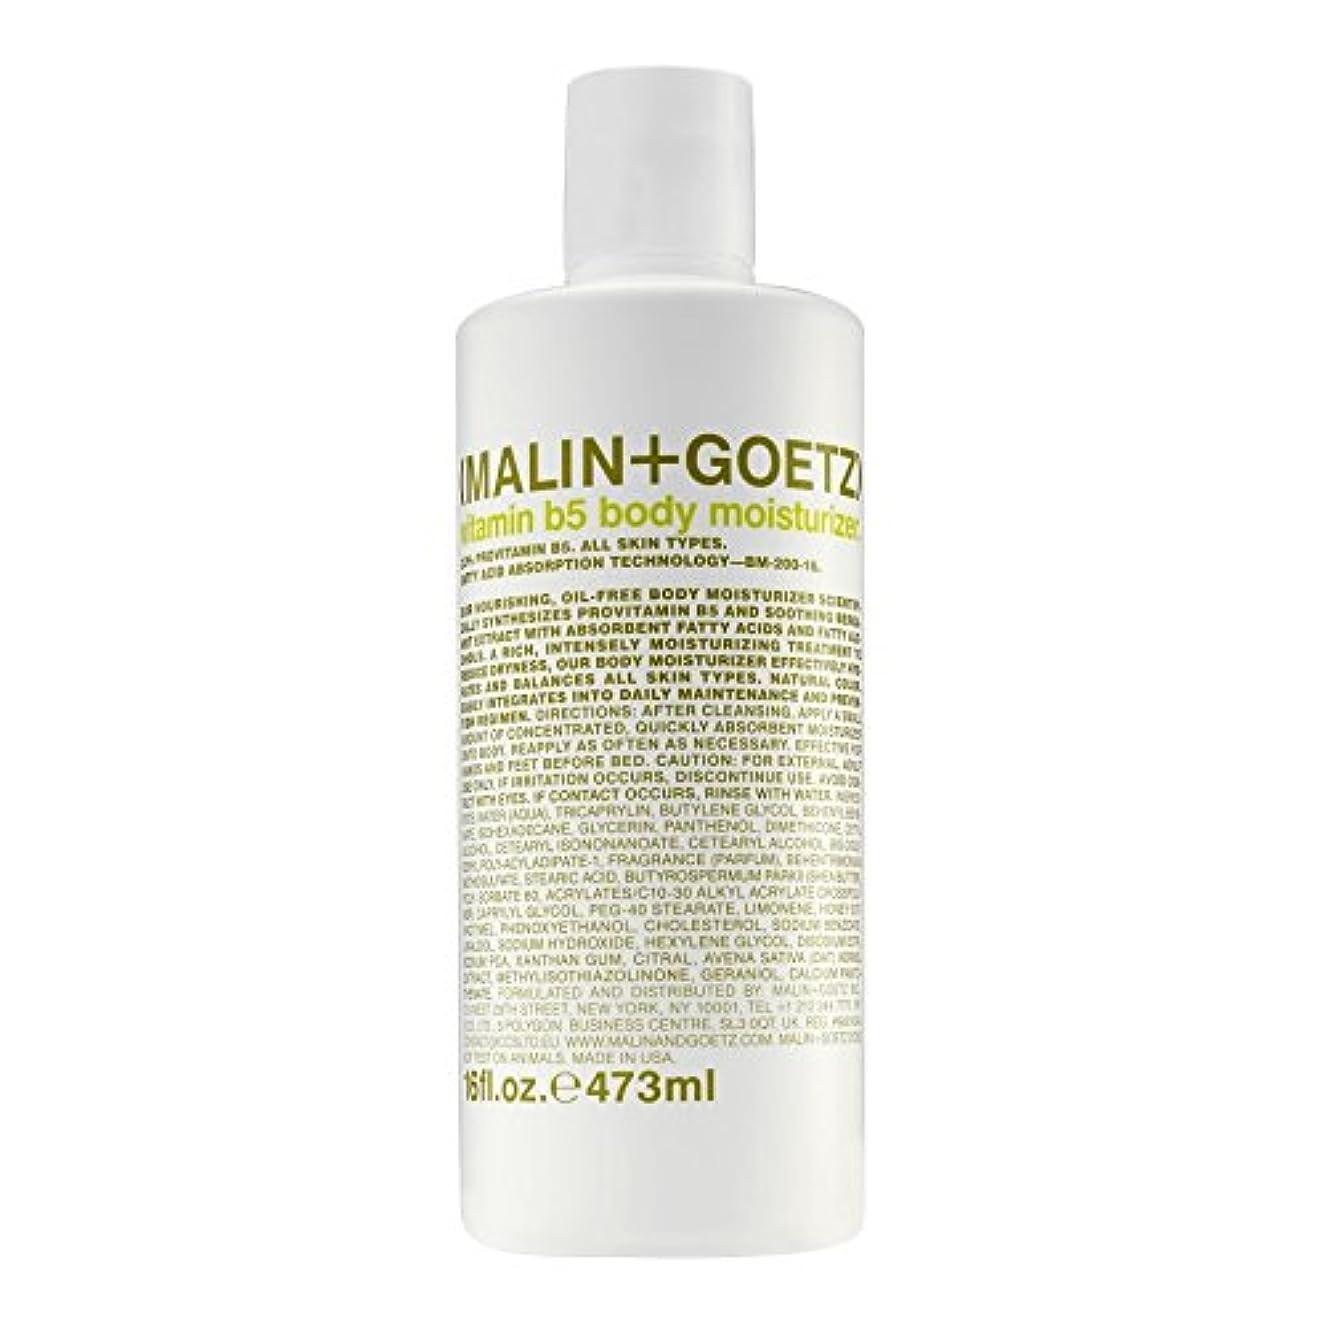 付添人渦信じるMALIN+GOETZ Vitamin B5 Body Moisturiser 473ml (Pack of 6) - マリン+ゲッツビタミン5ボディモイスチャライザーの473ミリリットル x6 [並行輸入品]